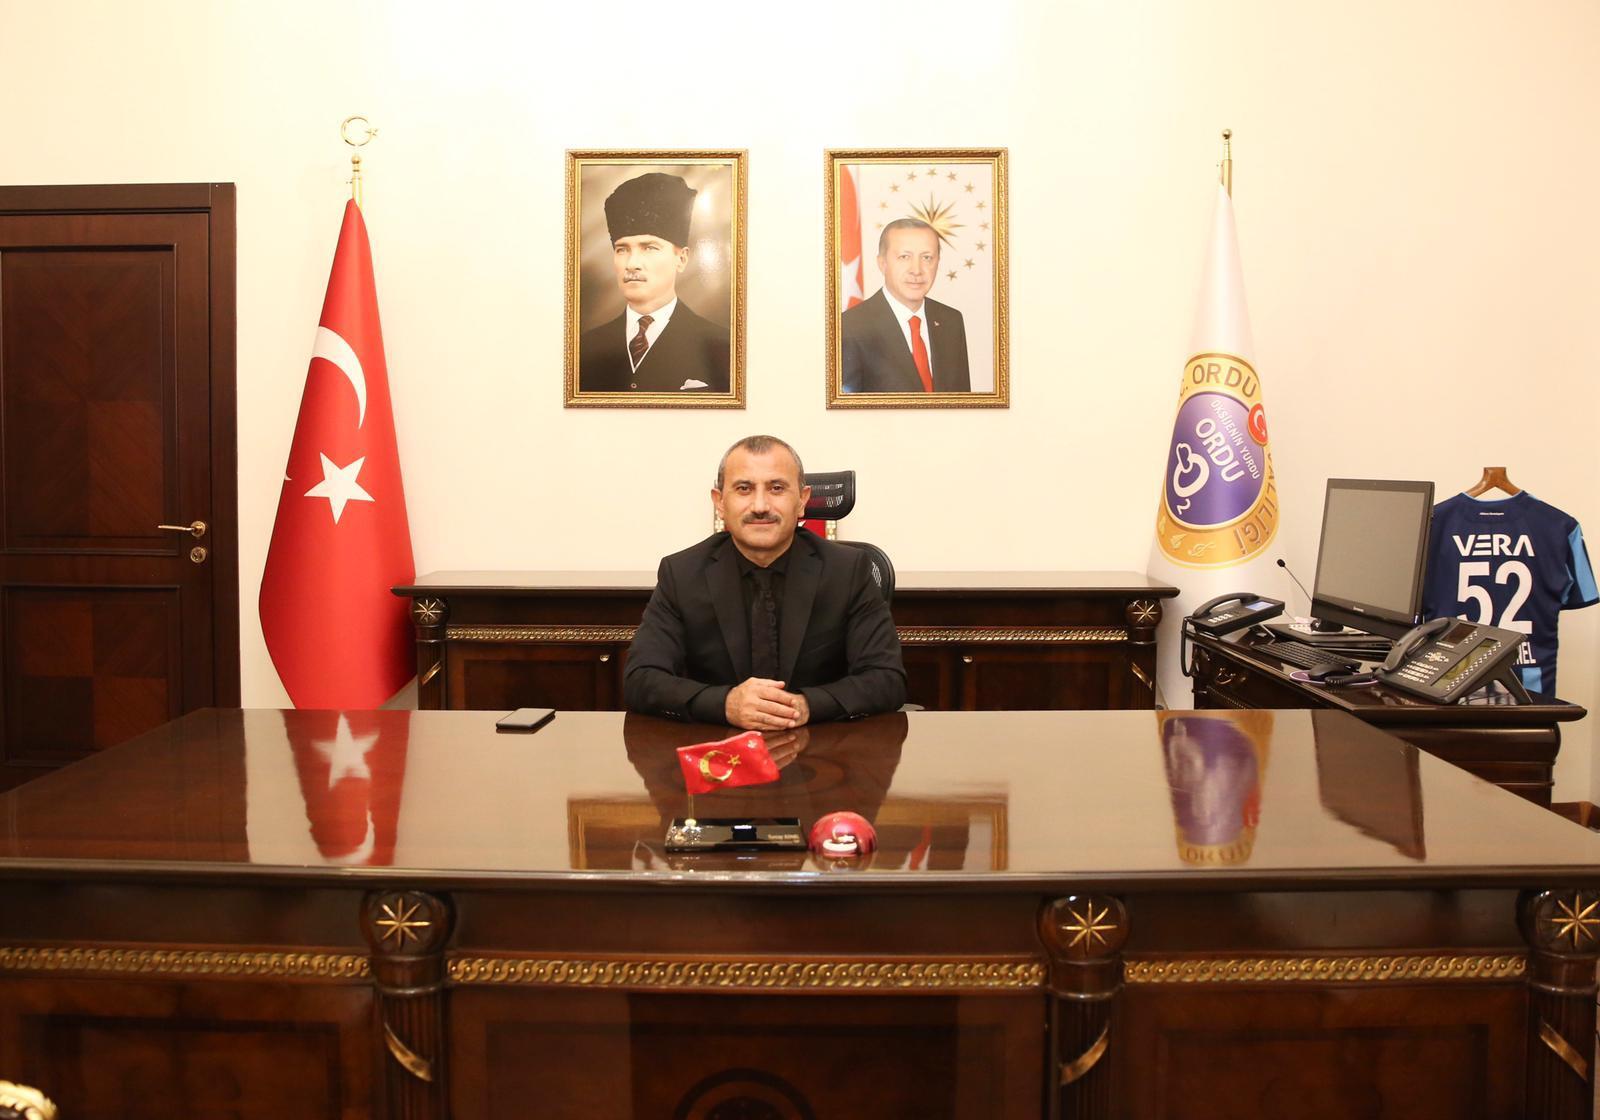 Valimiz Sayın Tuncay SONEL'in Yeni Yıl Mesajı